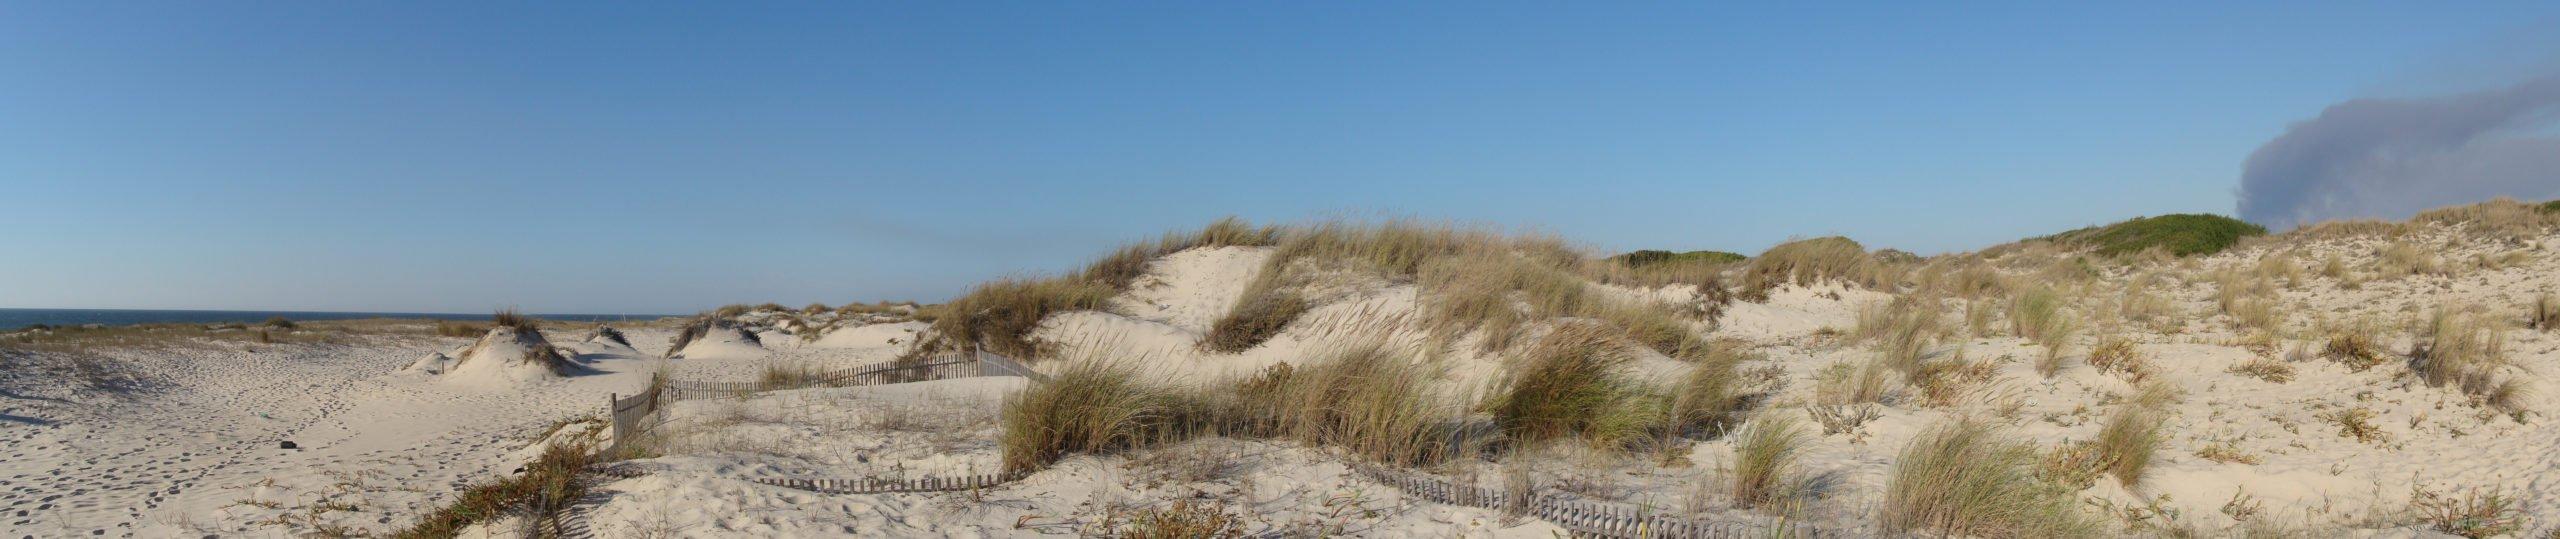 Песчаные дюны португалия